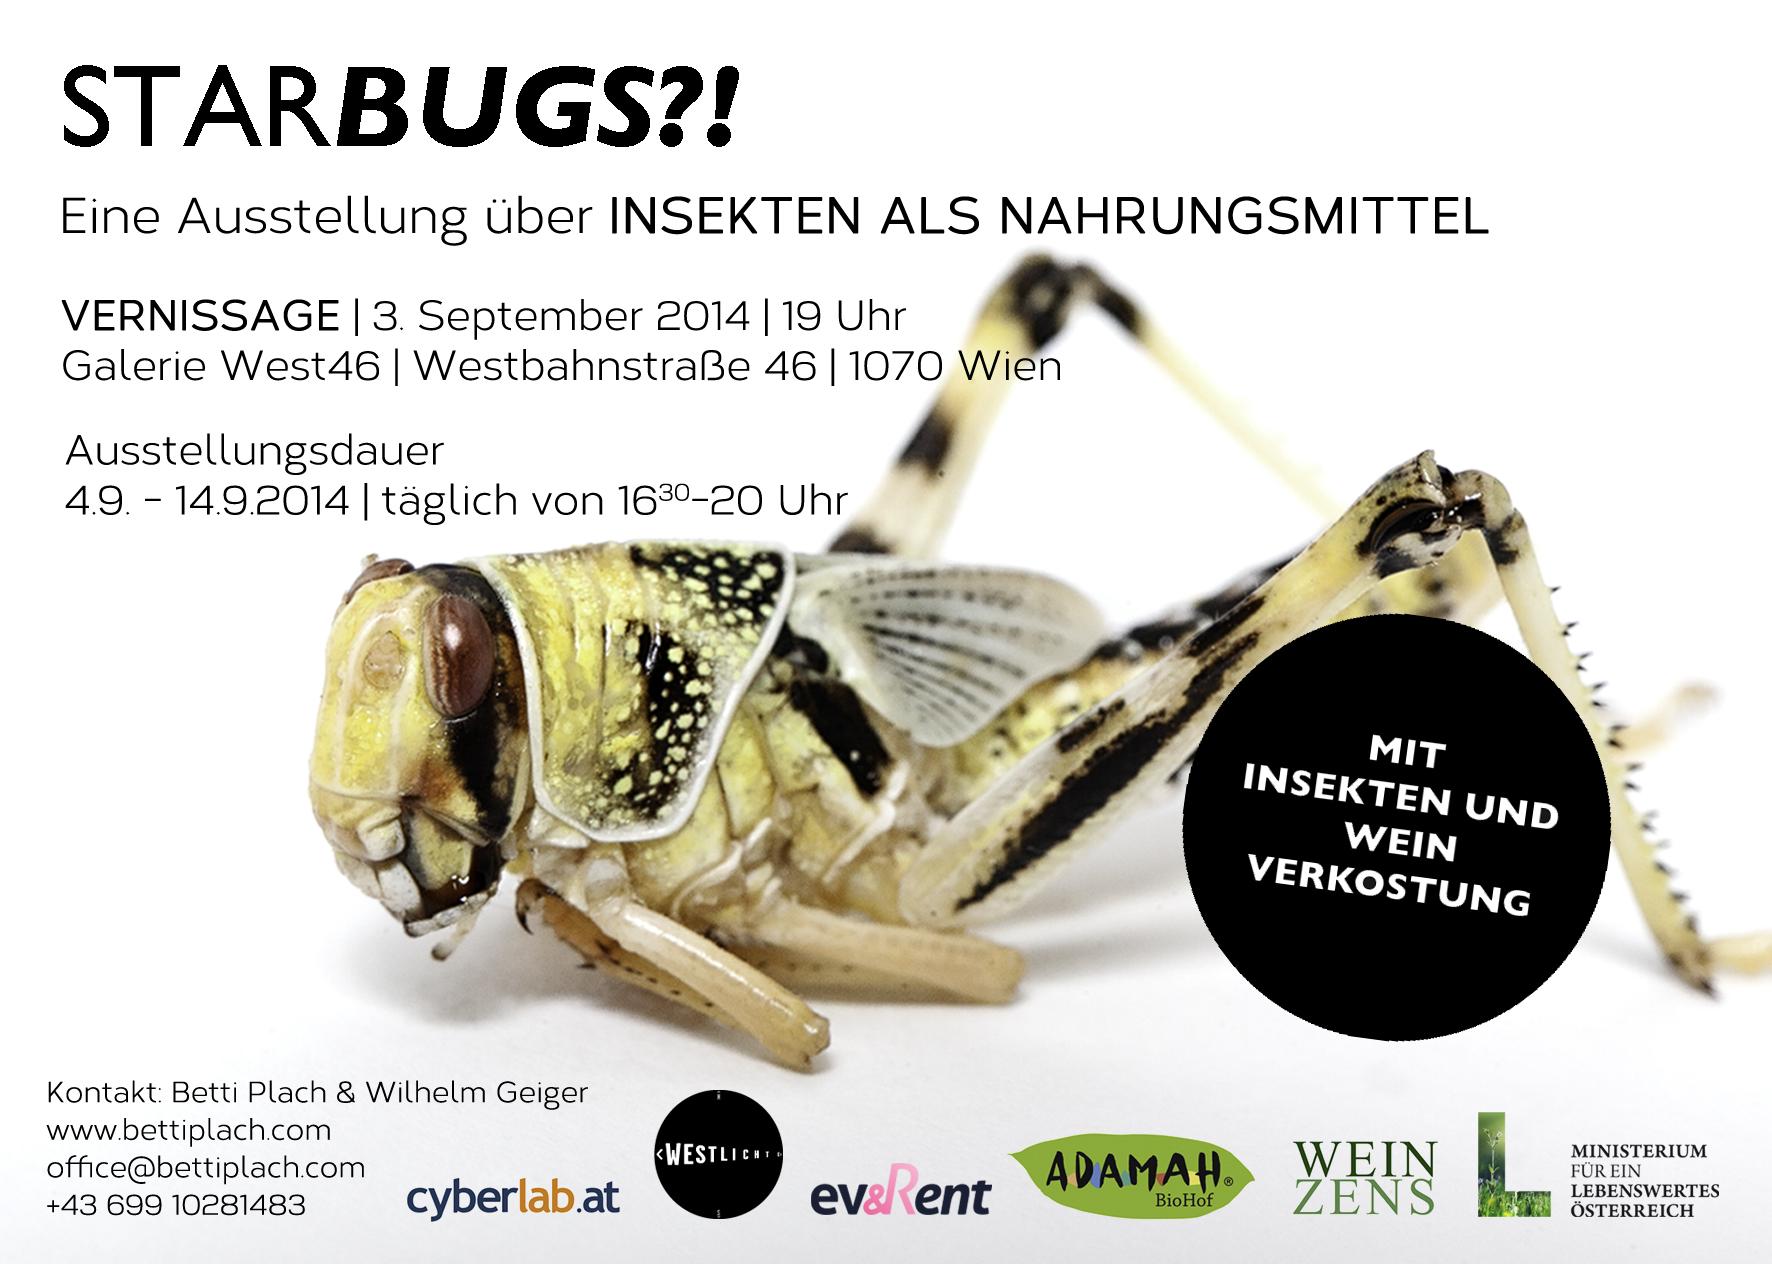 Starbugs?! Eine Ausstellung über Insekten als Nahrungsmittel.